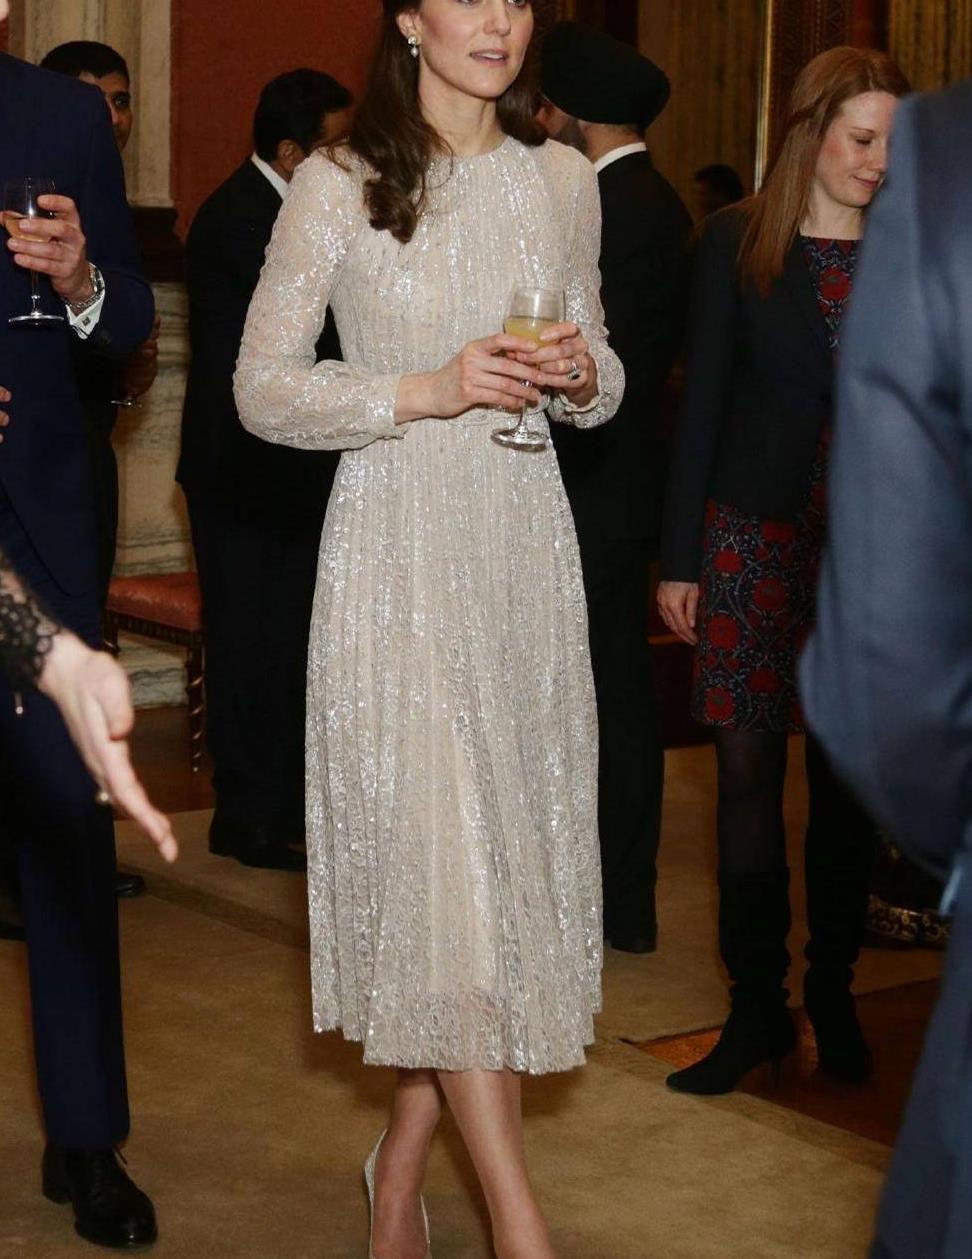 凯特王妃又美了,穿红色碎花裙女人味爆棚,细腰长腿身材比例真赞